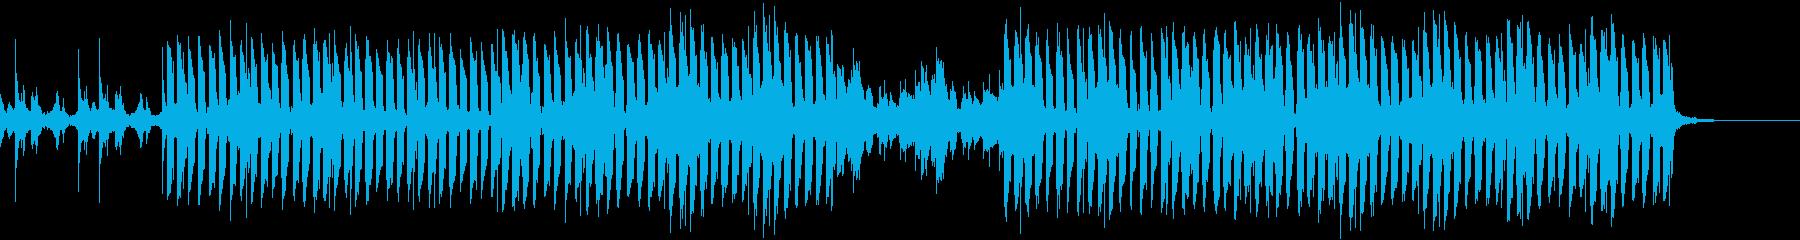 おしゃれ・爽やか・EDMの再生済みの波形